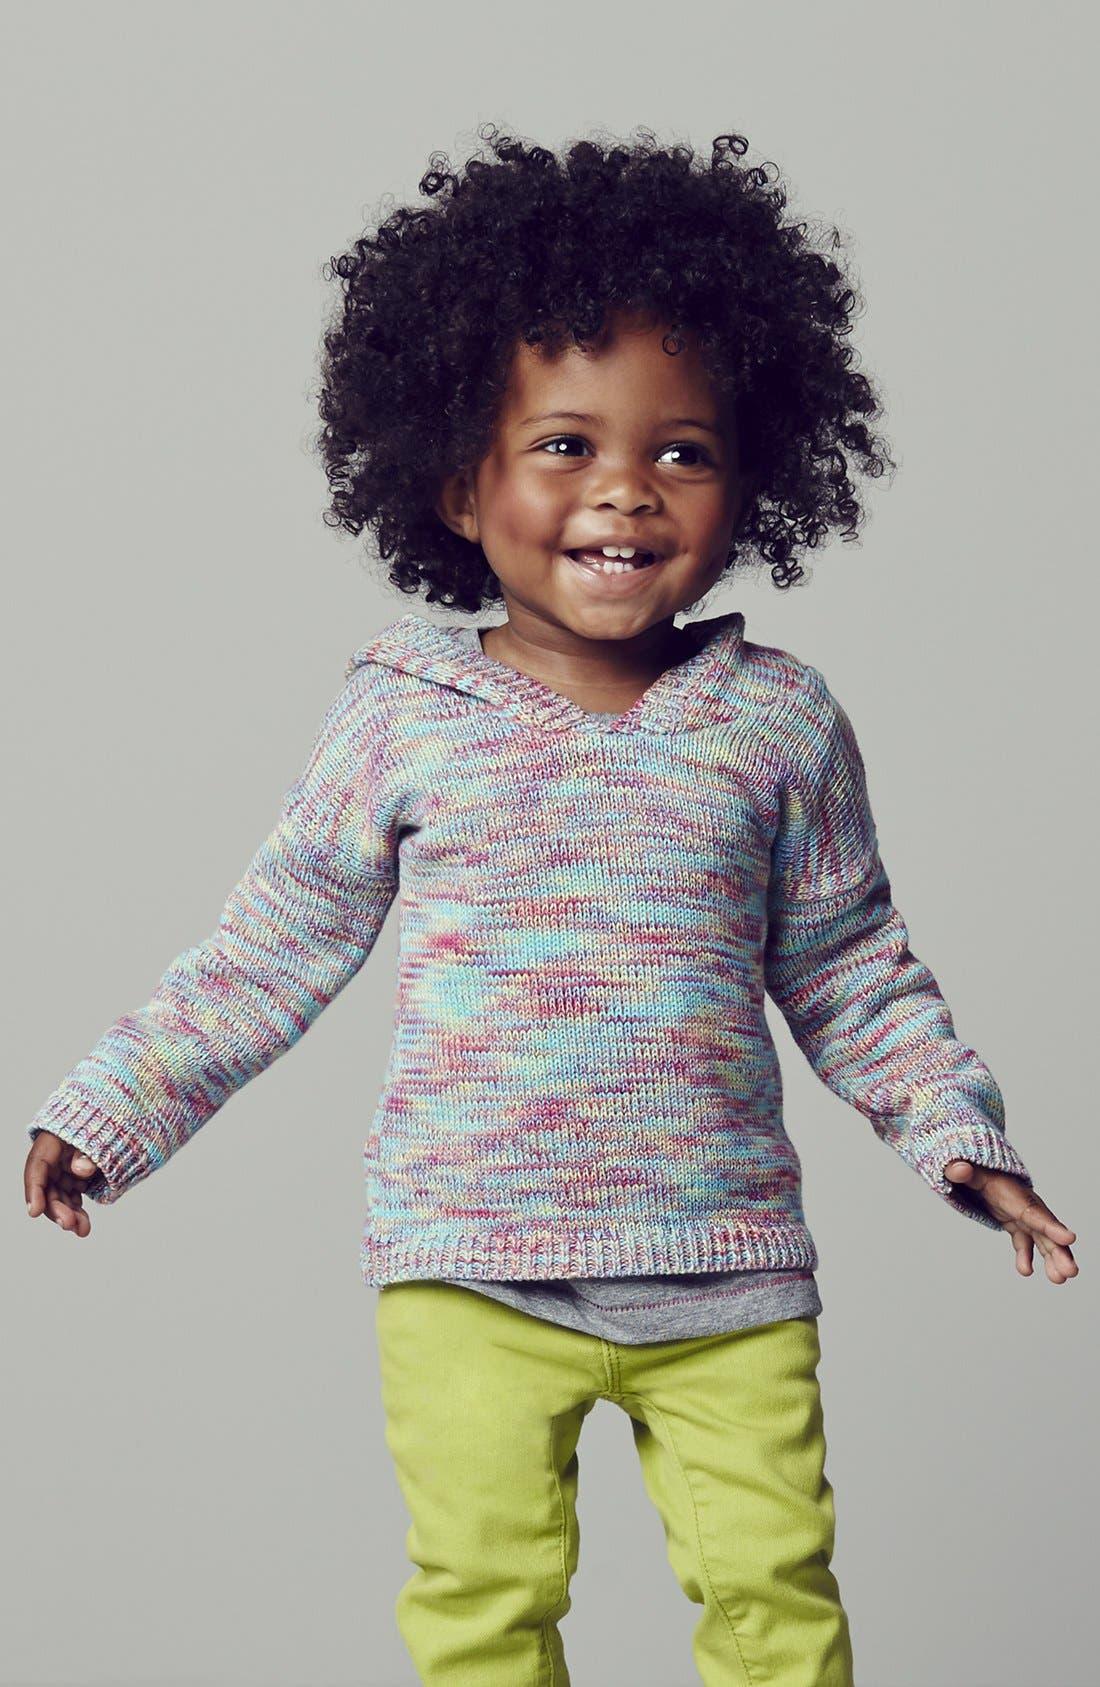 Alternate Image 1 Selected - Peek Hoodie & Jeans (Baby Girls)